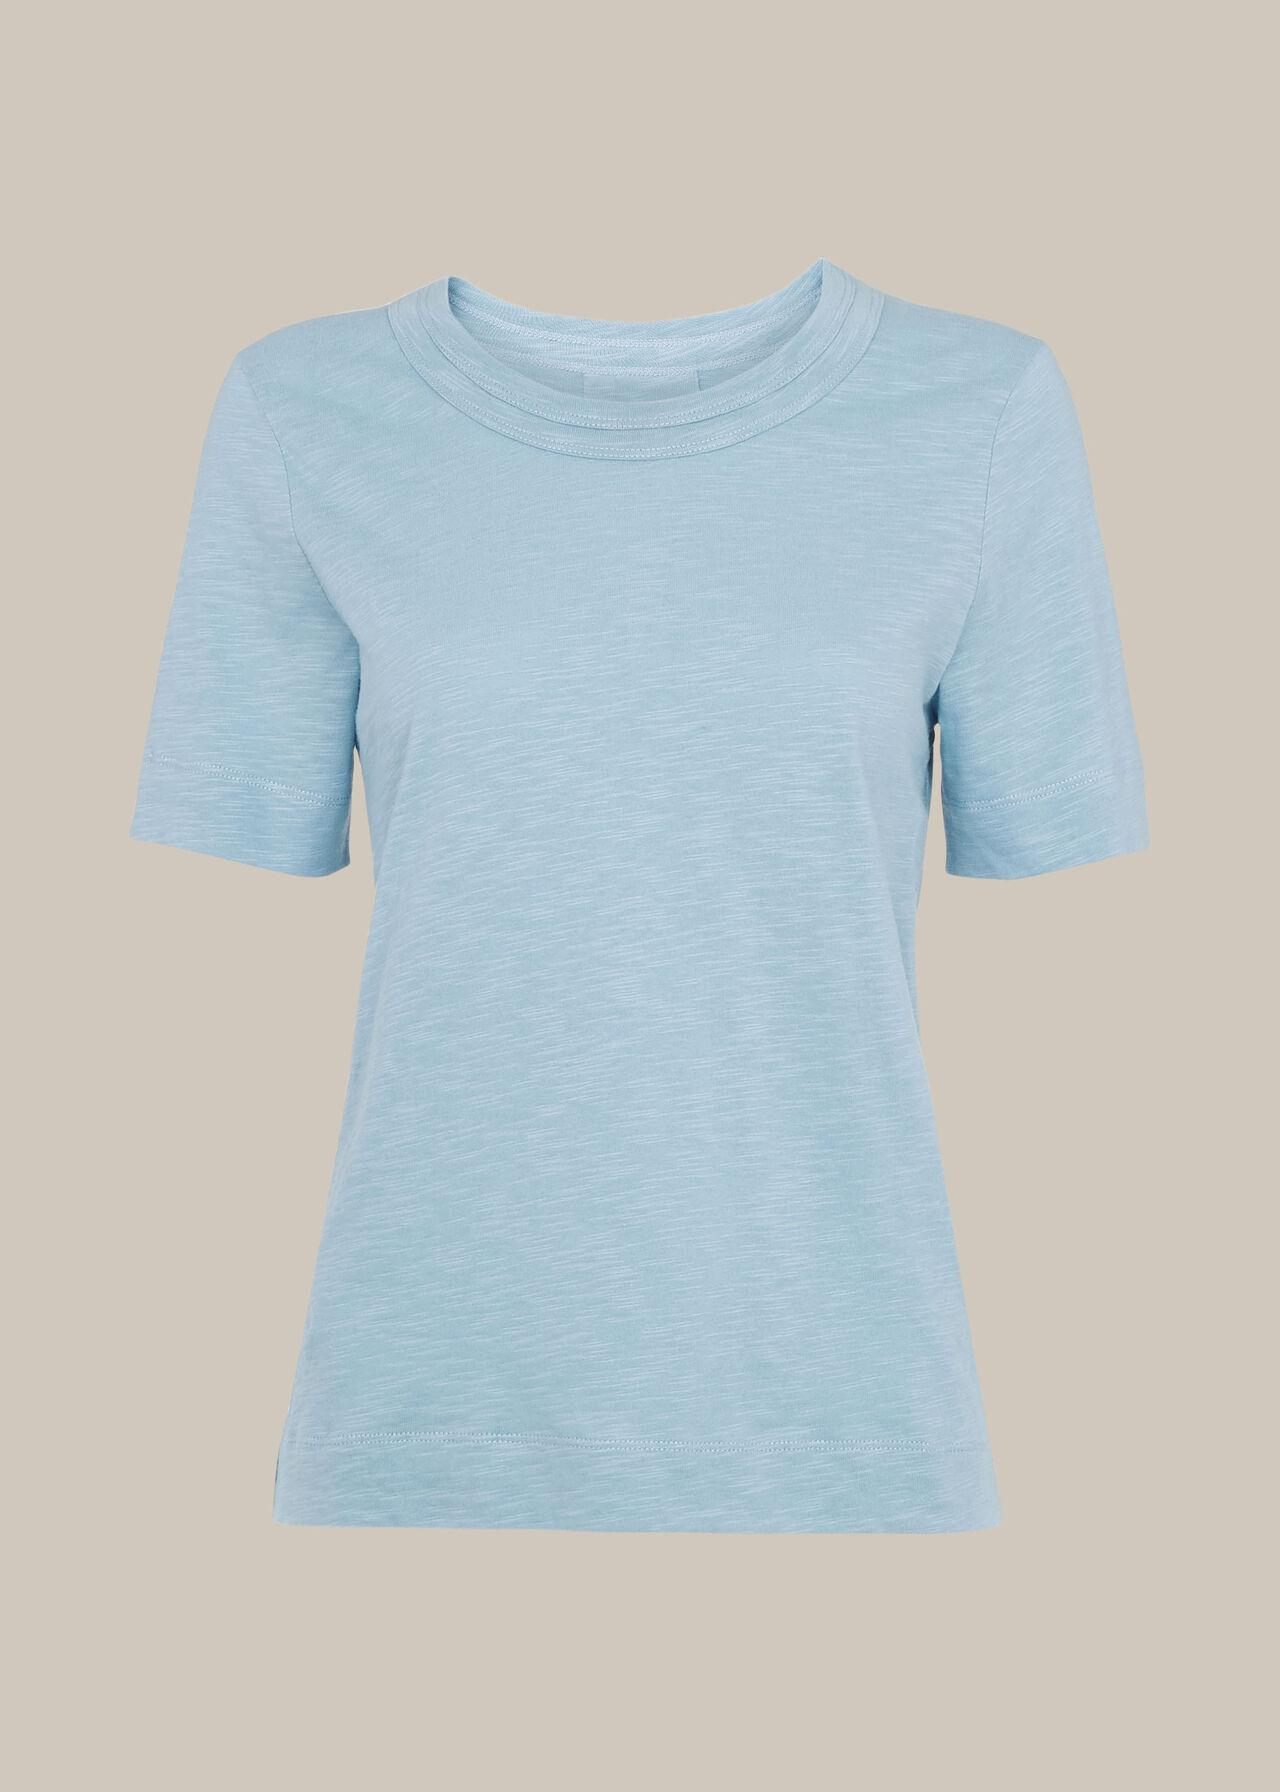 Rosa Double Trim T-Shirt Pale Blue